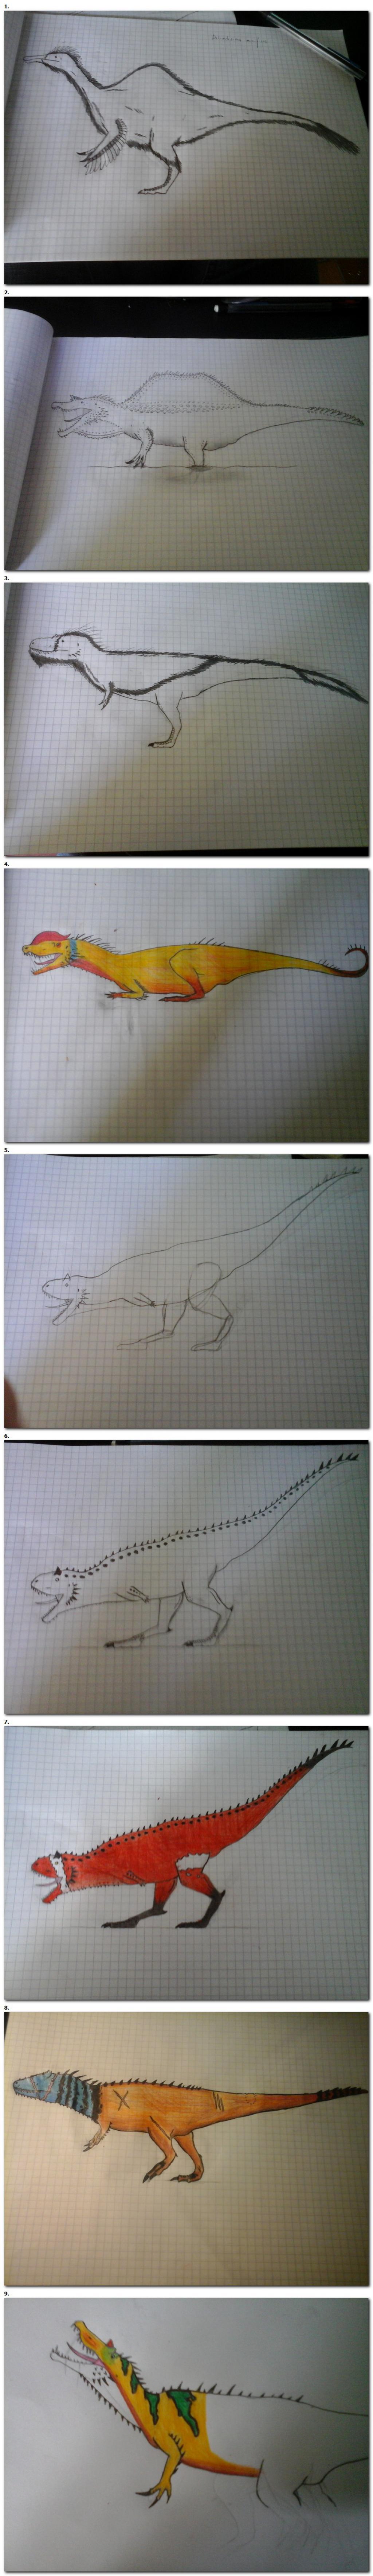 dinozor-jouli-4c21444.jpg